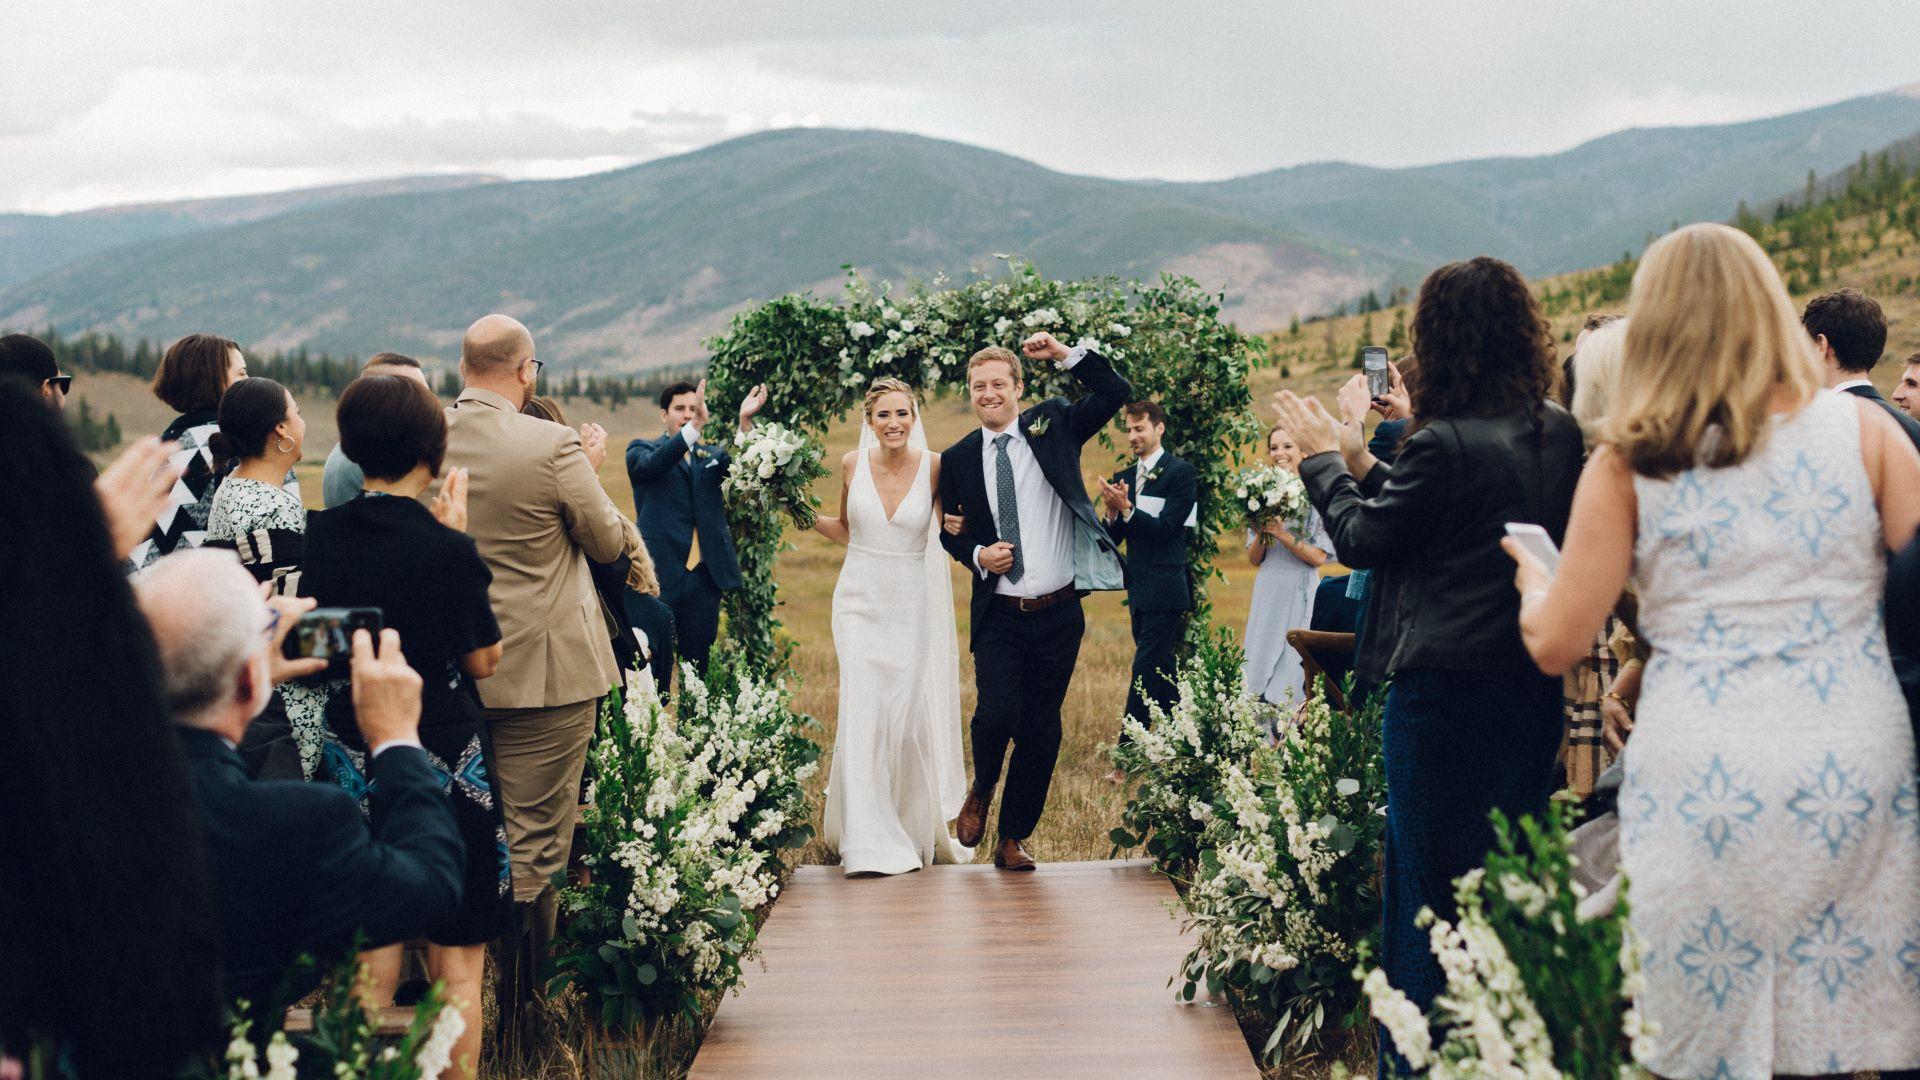 10-destination-wedding-planning-tips